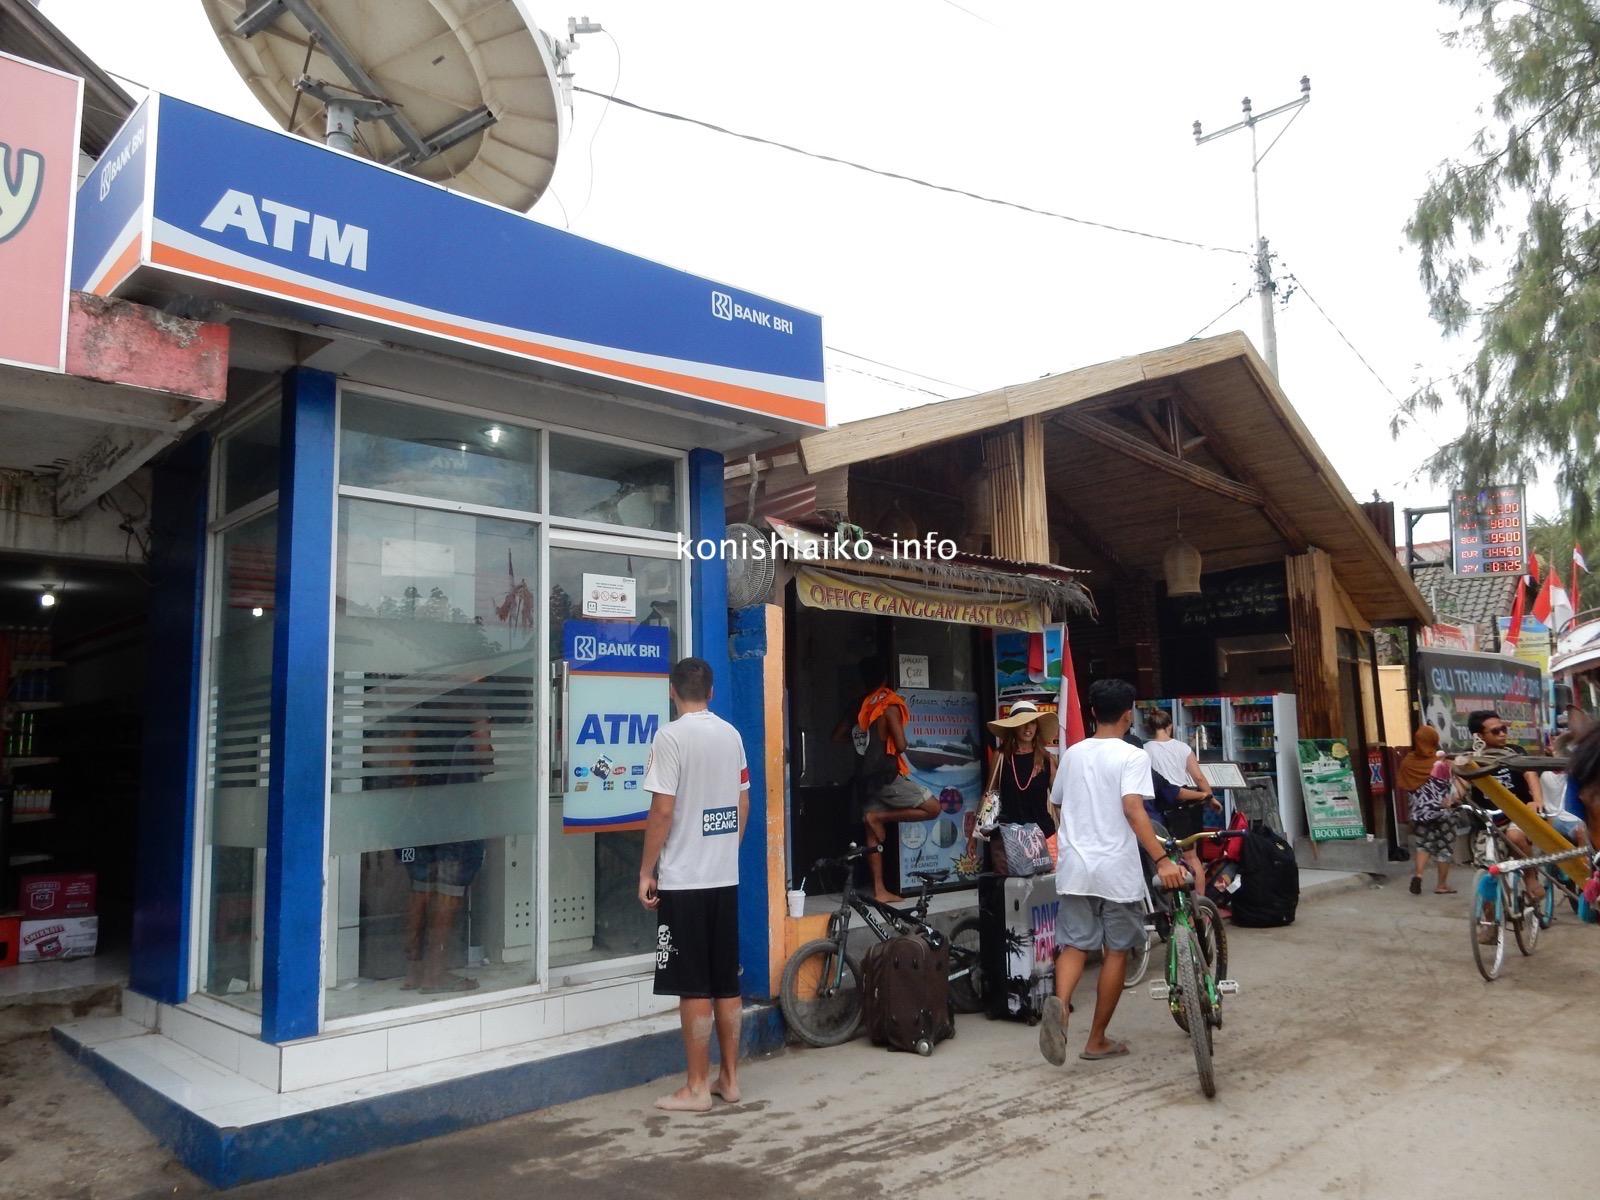 ギリ・トラワガンの大通り、船着場近くにあるオフィス。目標は青いATM